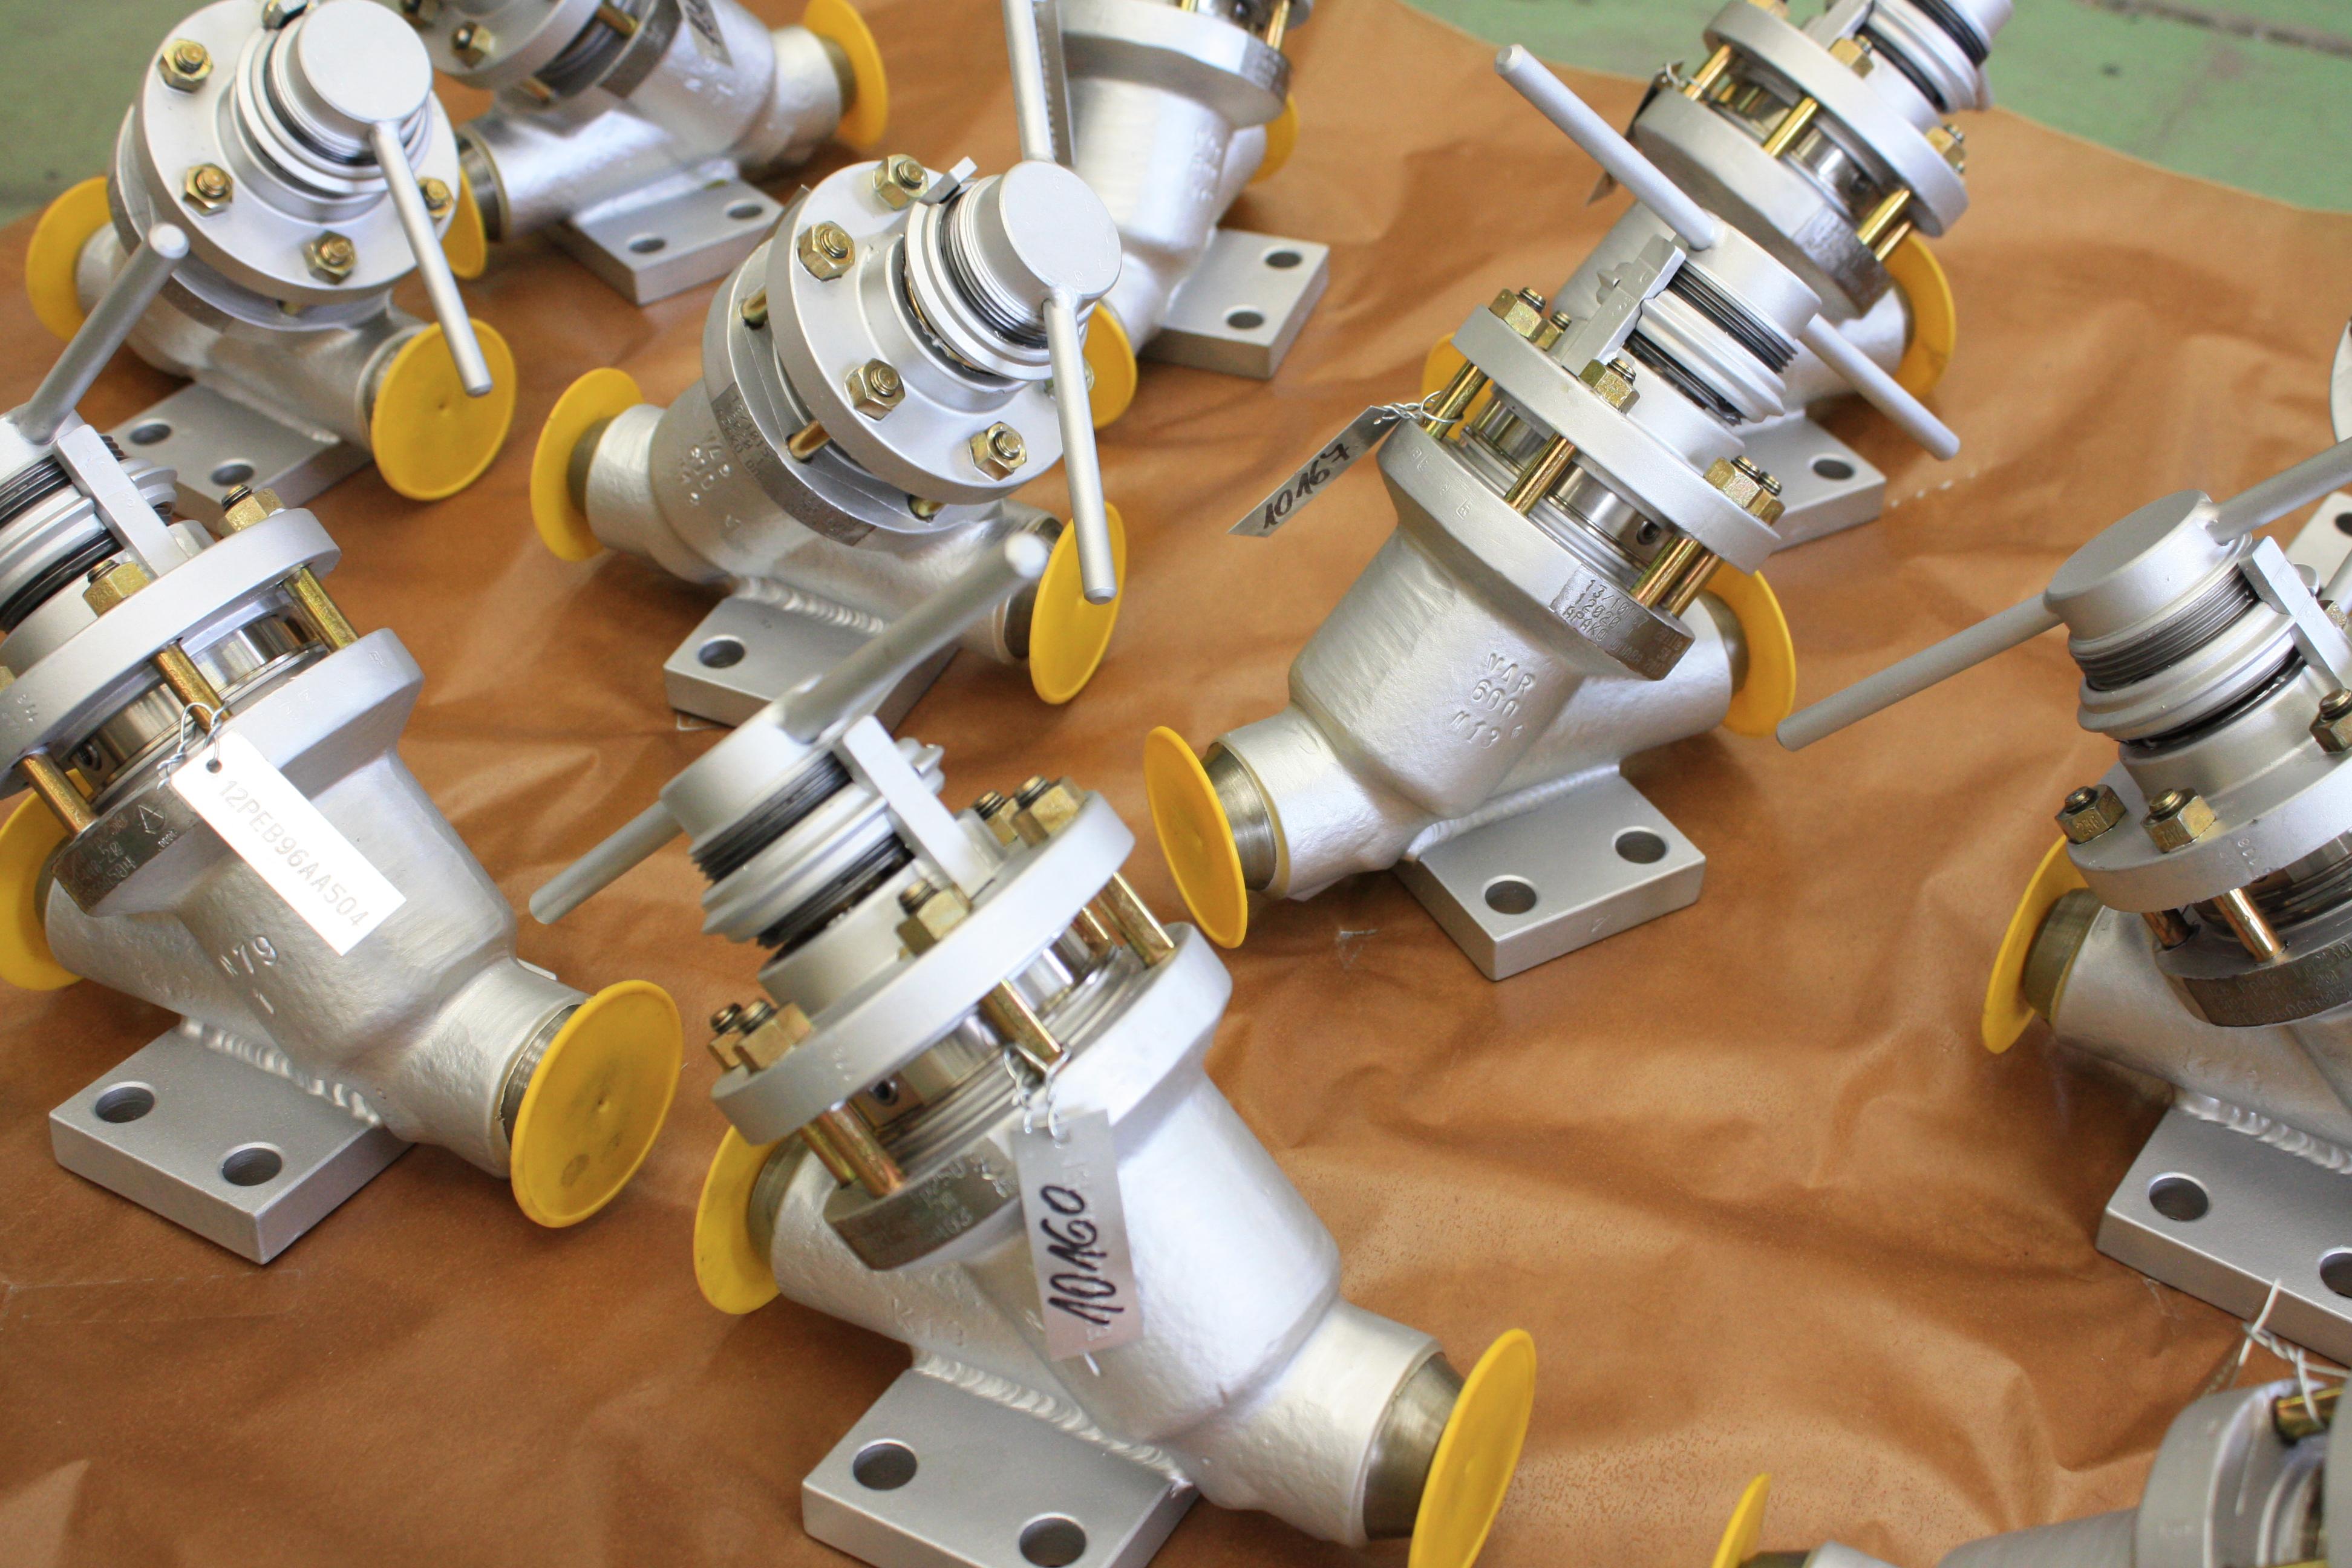 Arako získalo certifikát společnosti Energoatom na dodávky armatur